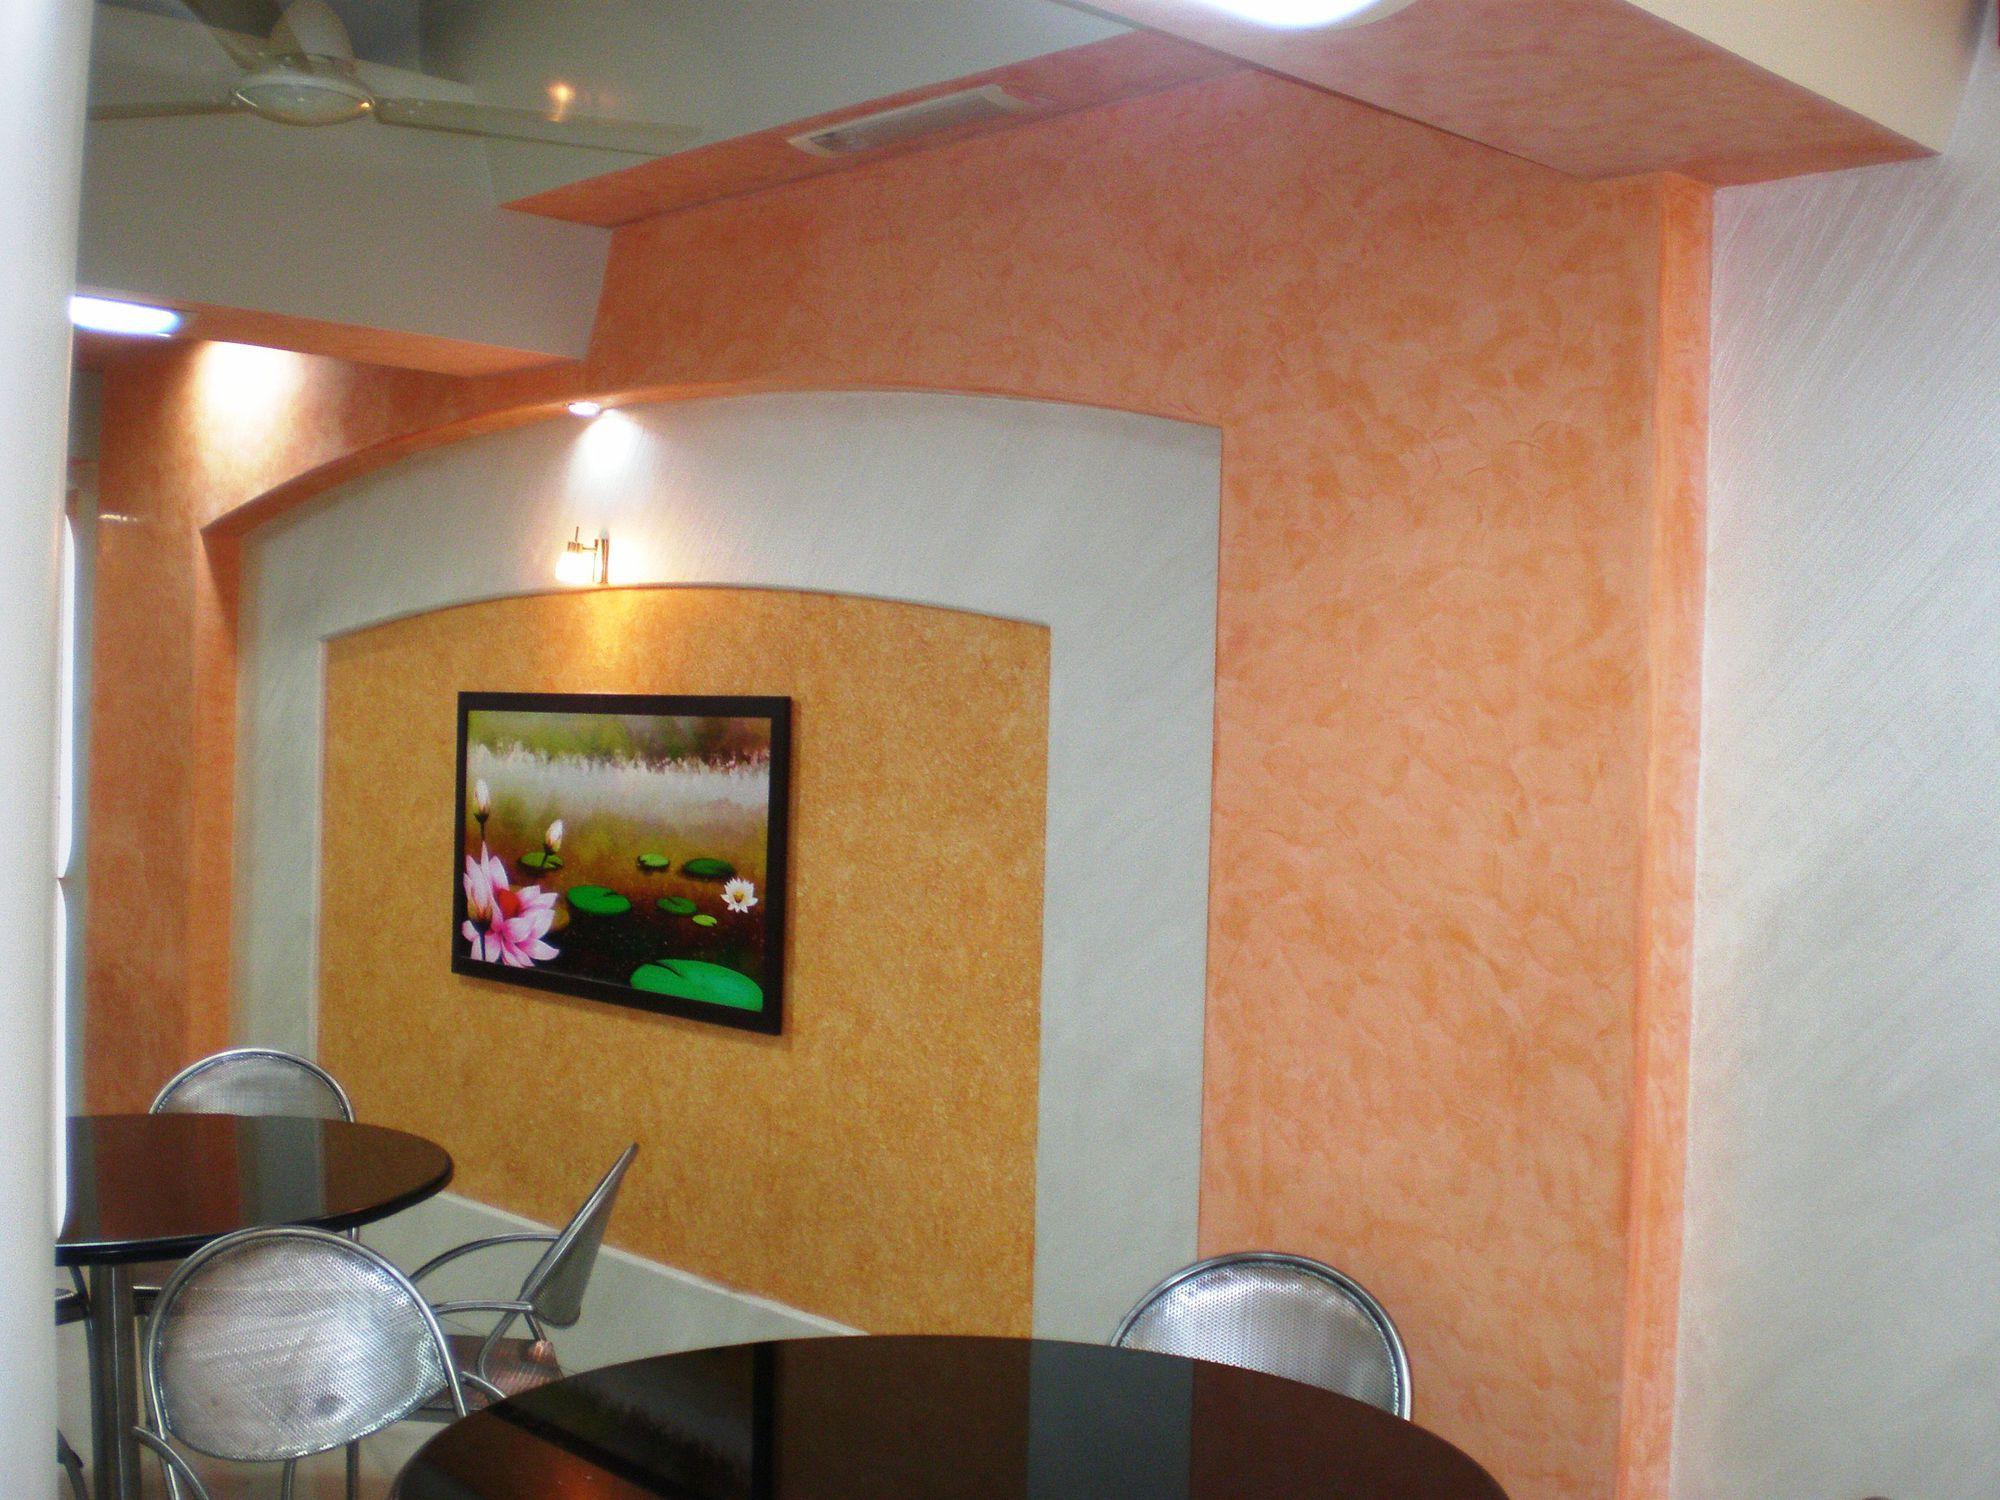 Bien connu Peinture décorative / pour mur / intérieure / acrylique - ARTECO  ZH82